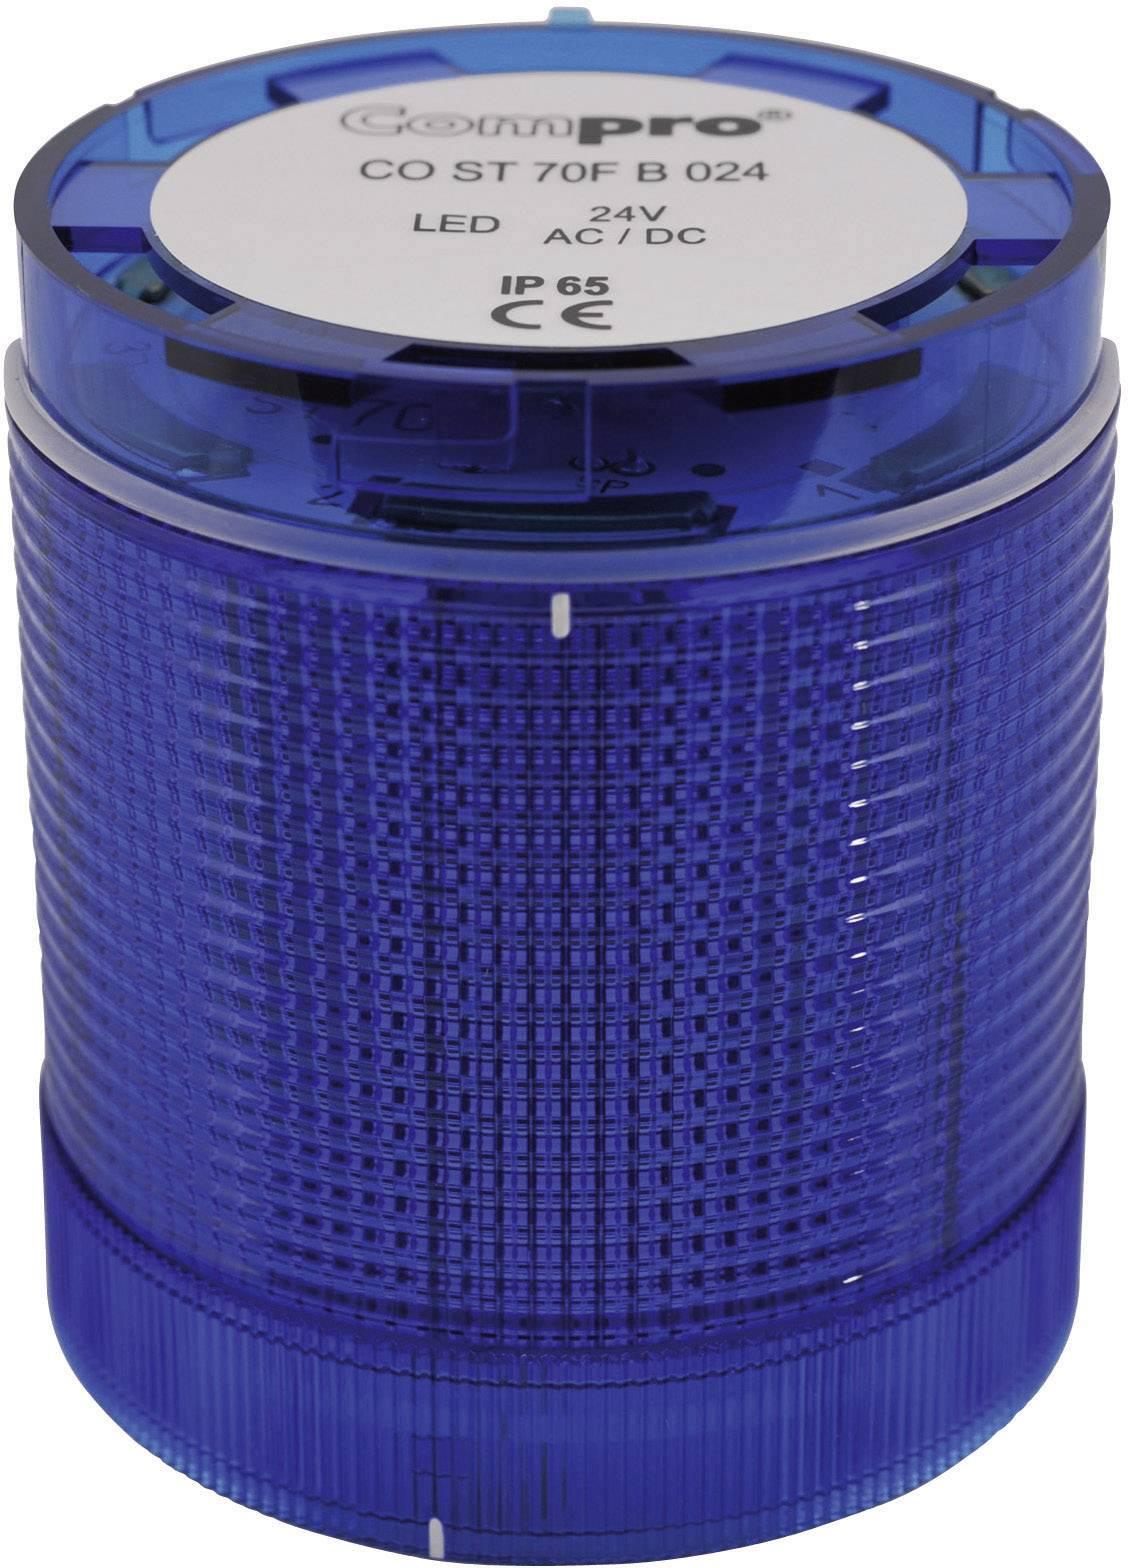 Súčasť signalizačného stĺpika LED ComPro CO ST 70 CO ST 70 BL 024 6F, 75 dB, 24 V/DC, 24 V/AC, trvalé svetlo, blikanie, výstražný maják, modrá